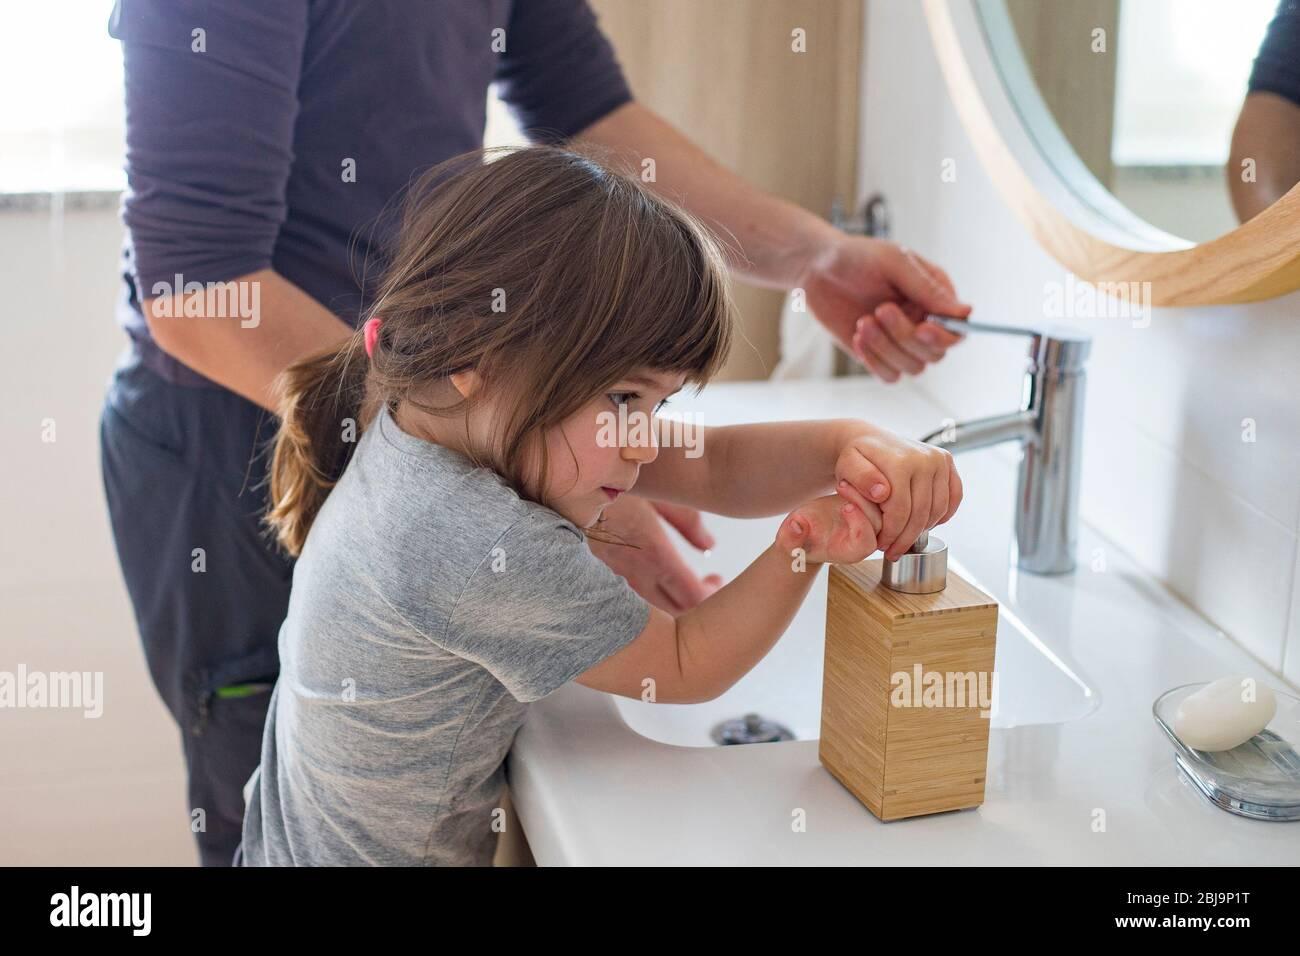 Père caucasien enseignant à la petite fille d'enfant comment se laver les mains dans la salle de bains pendant le verrouillage de la pandémie covid-19. Papa et fille de bébé se laver les mains à si Banque D'Images